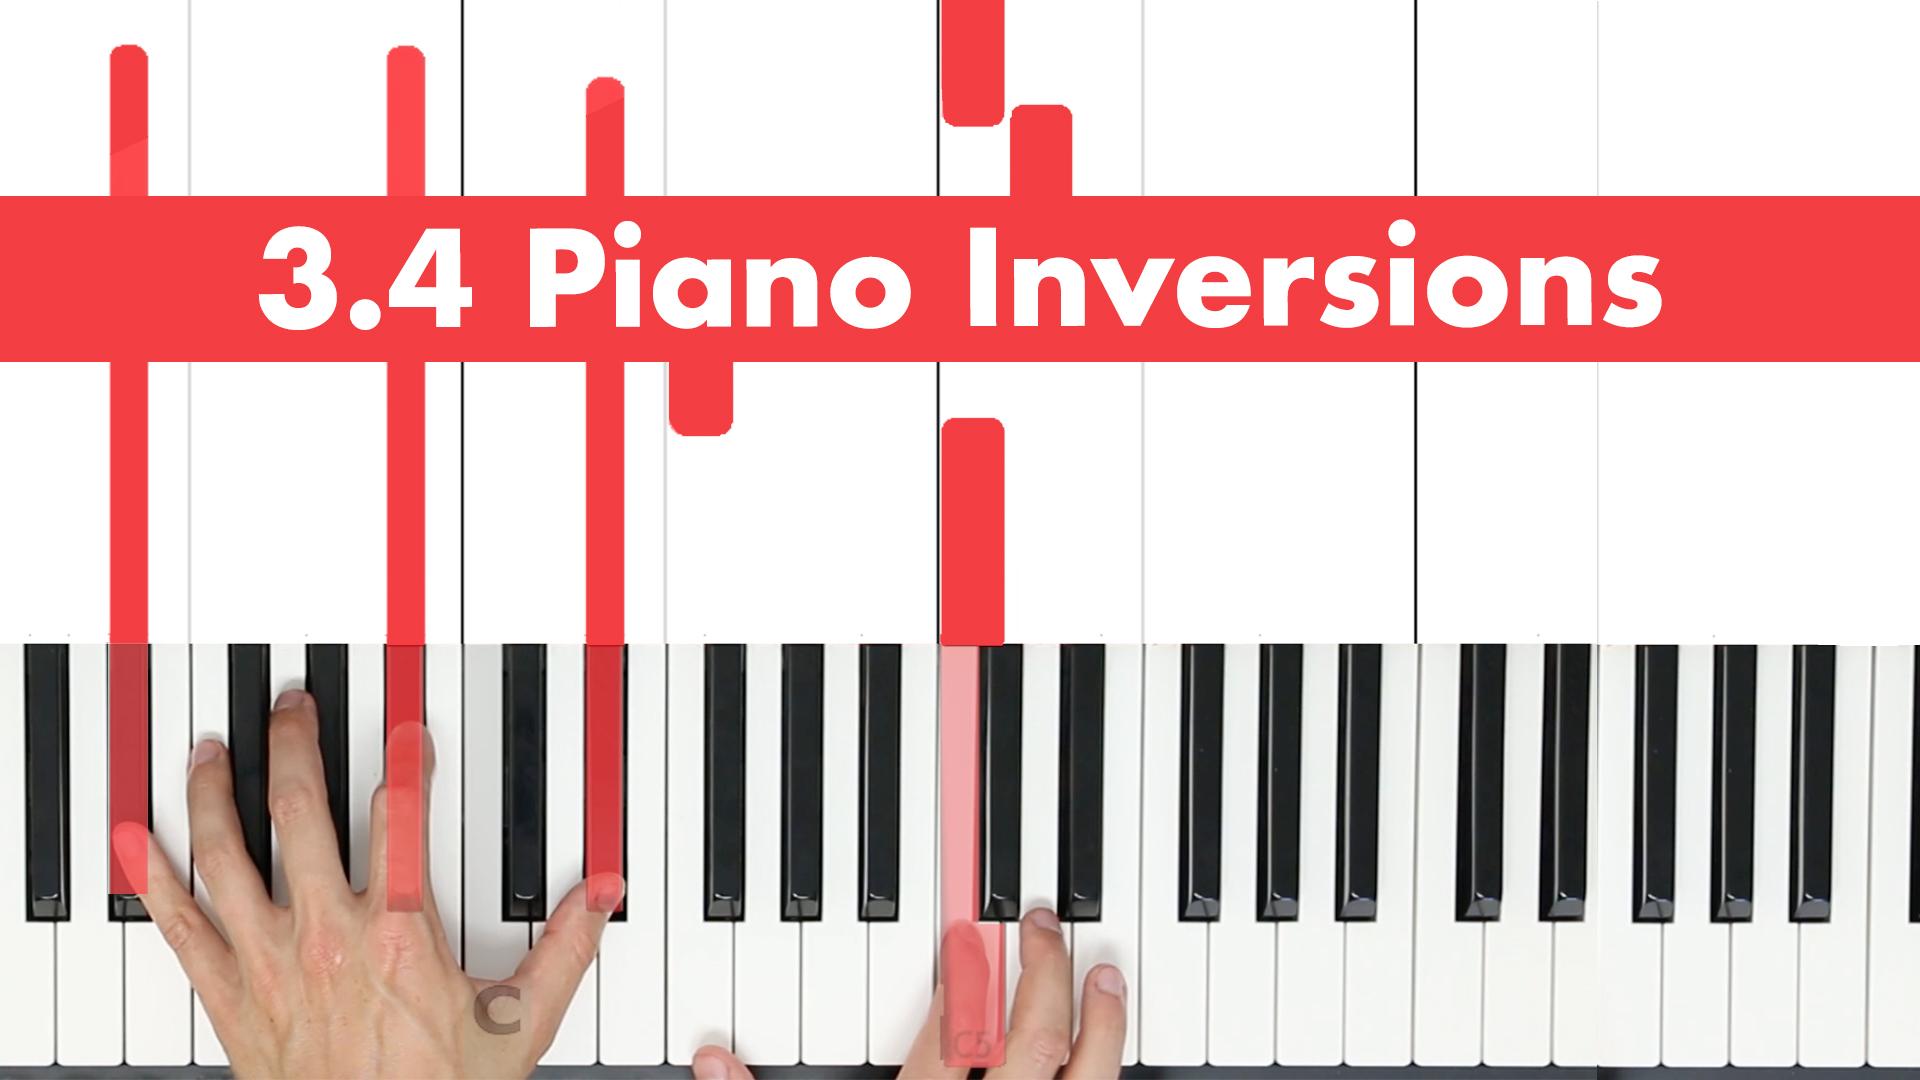 3.4 Piano Inversions